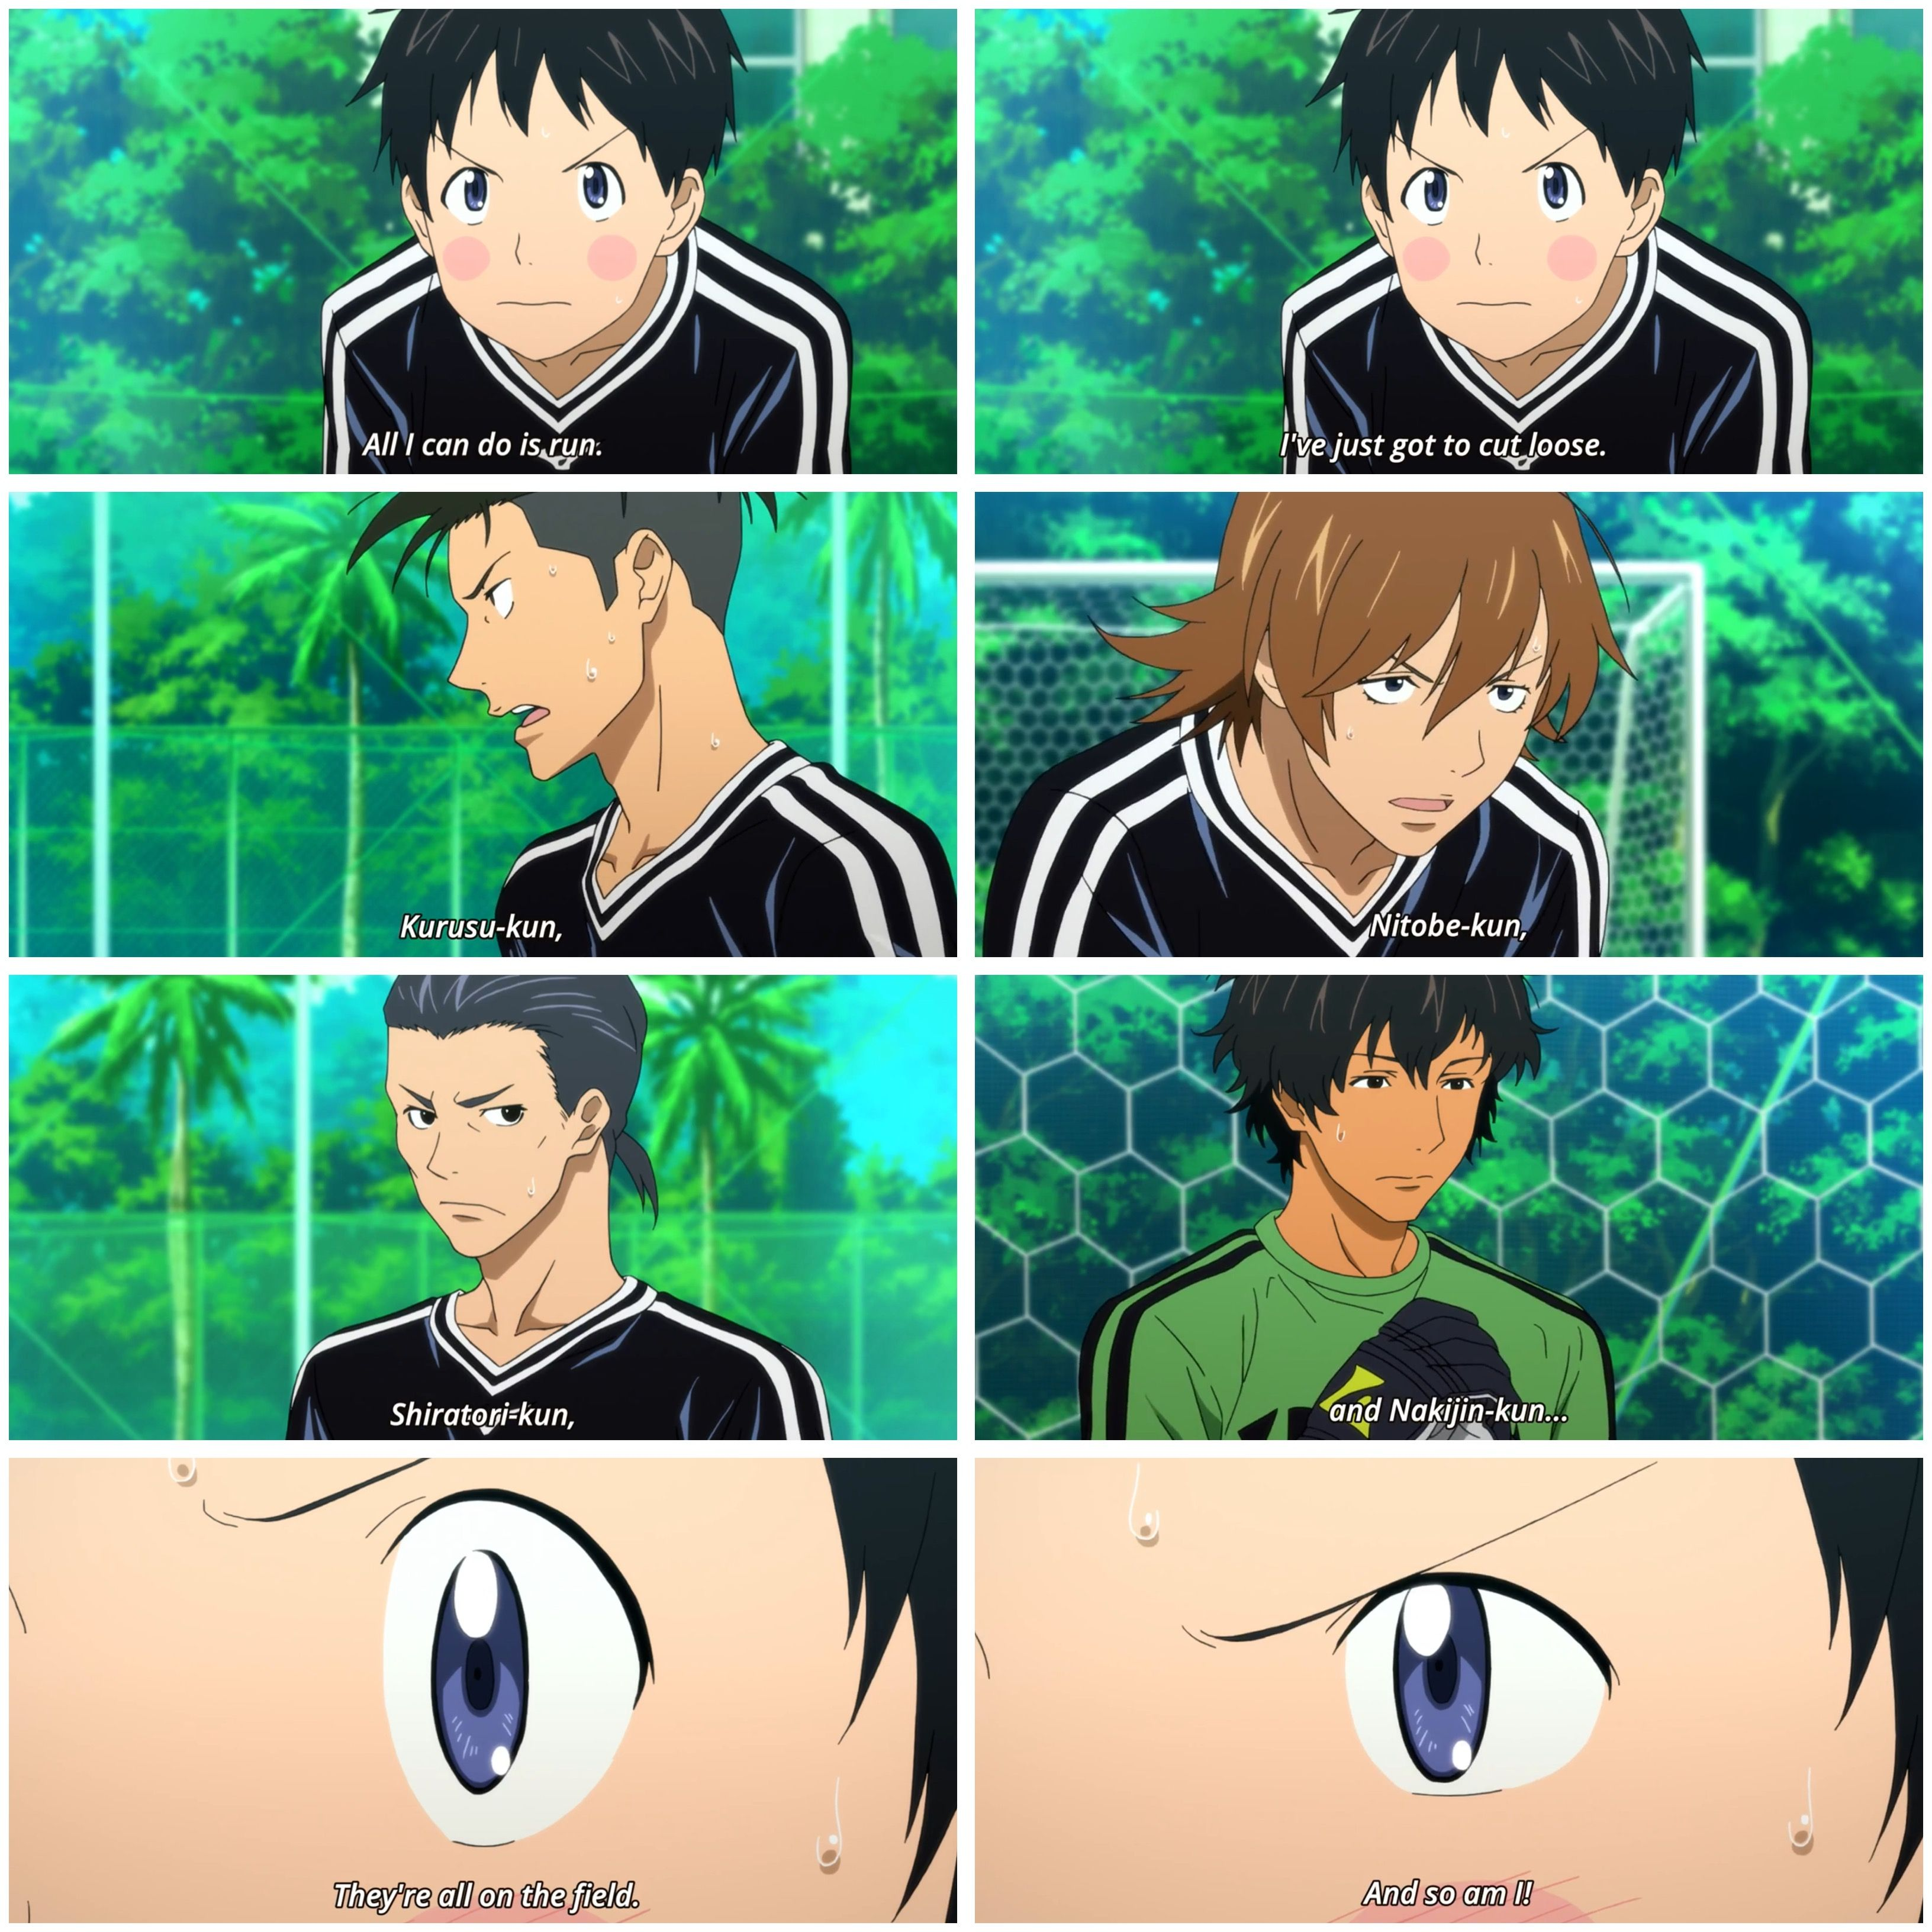 Tsukamoto Tsukushi Days (TV) soccer anime episode 14